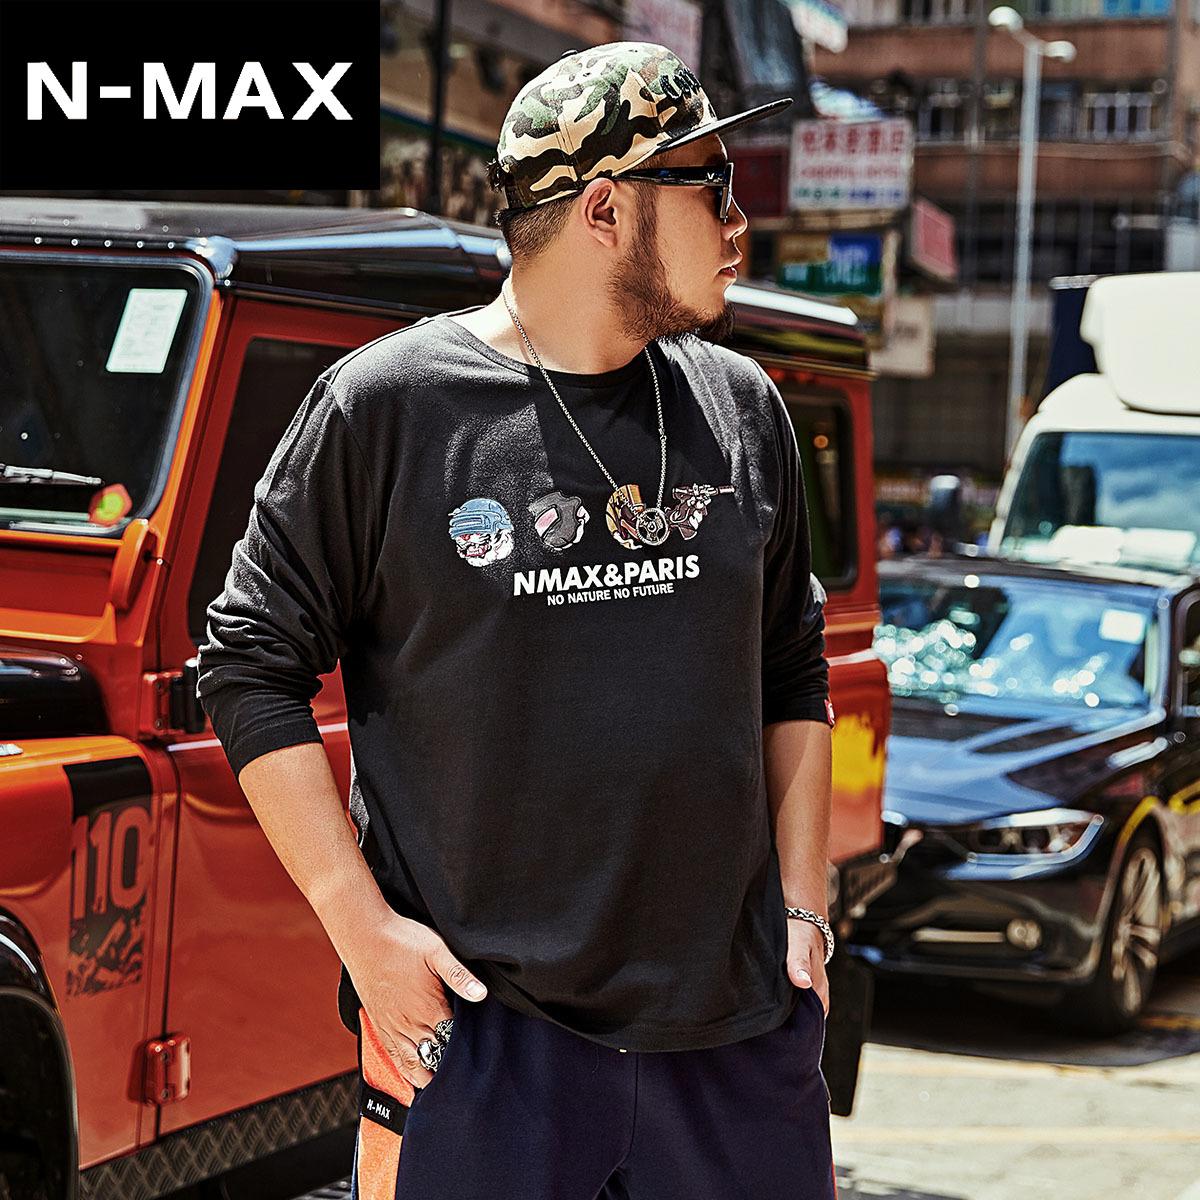 NMAX大码男装潮牌 胖子秋季加肥加大上衣肥佬宽松纯棉打底长袖T恤